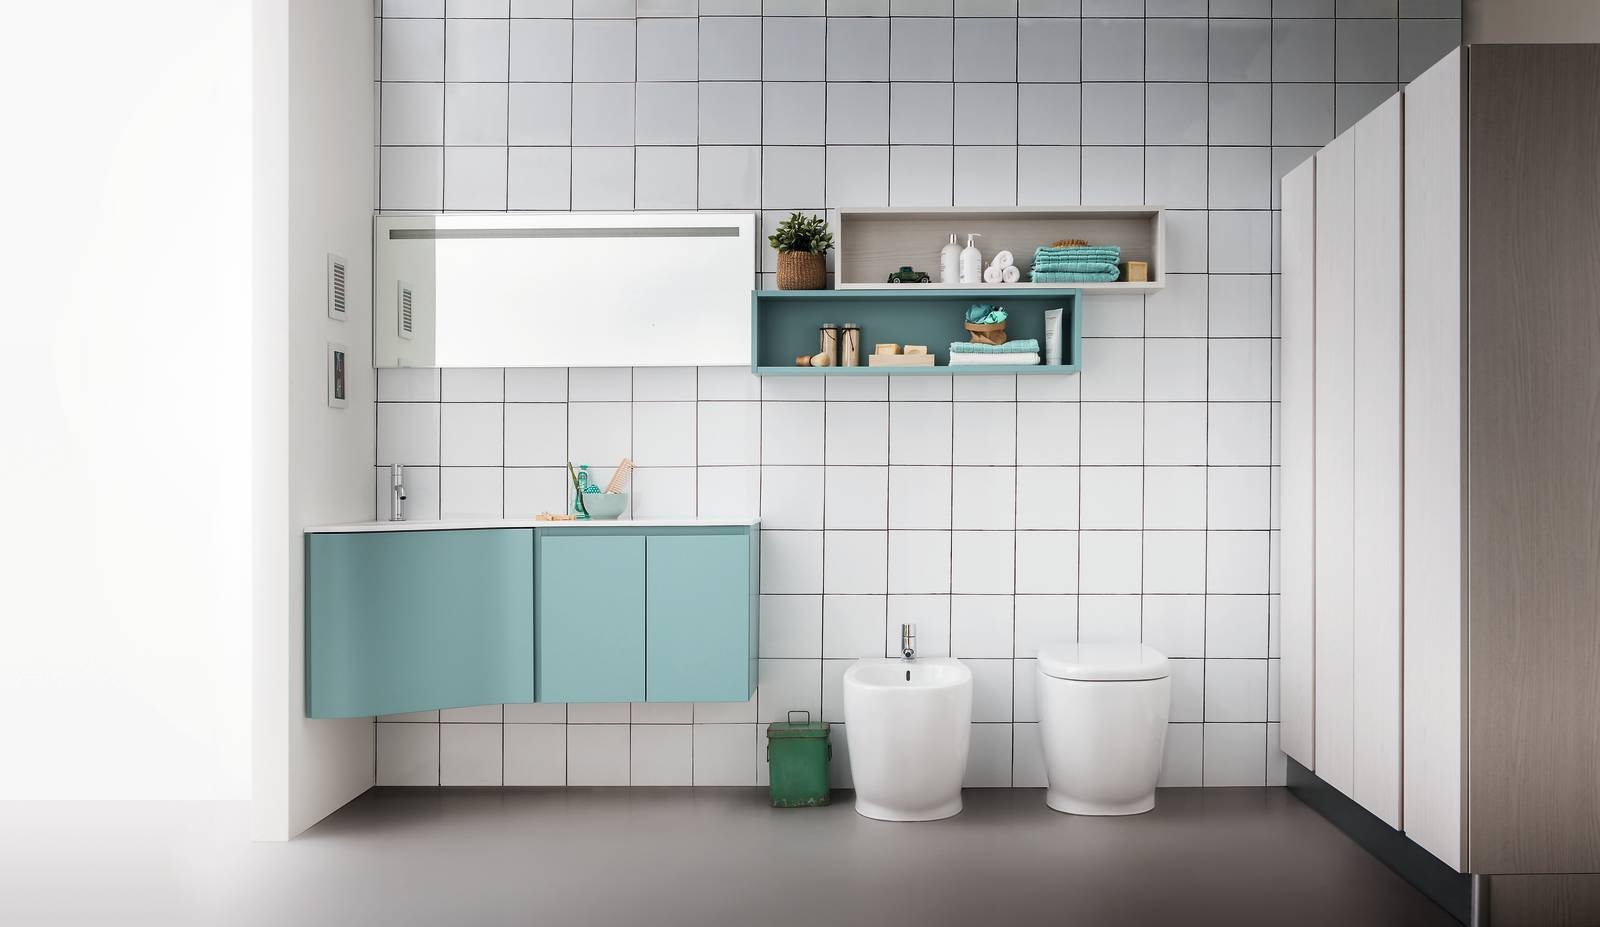 Bagno In Camera Piccolissimo : Soluzioni per un bagno piccolo piccolo cose di casa